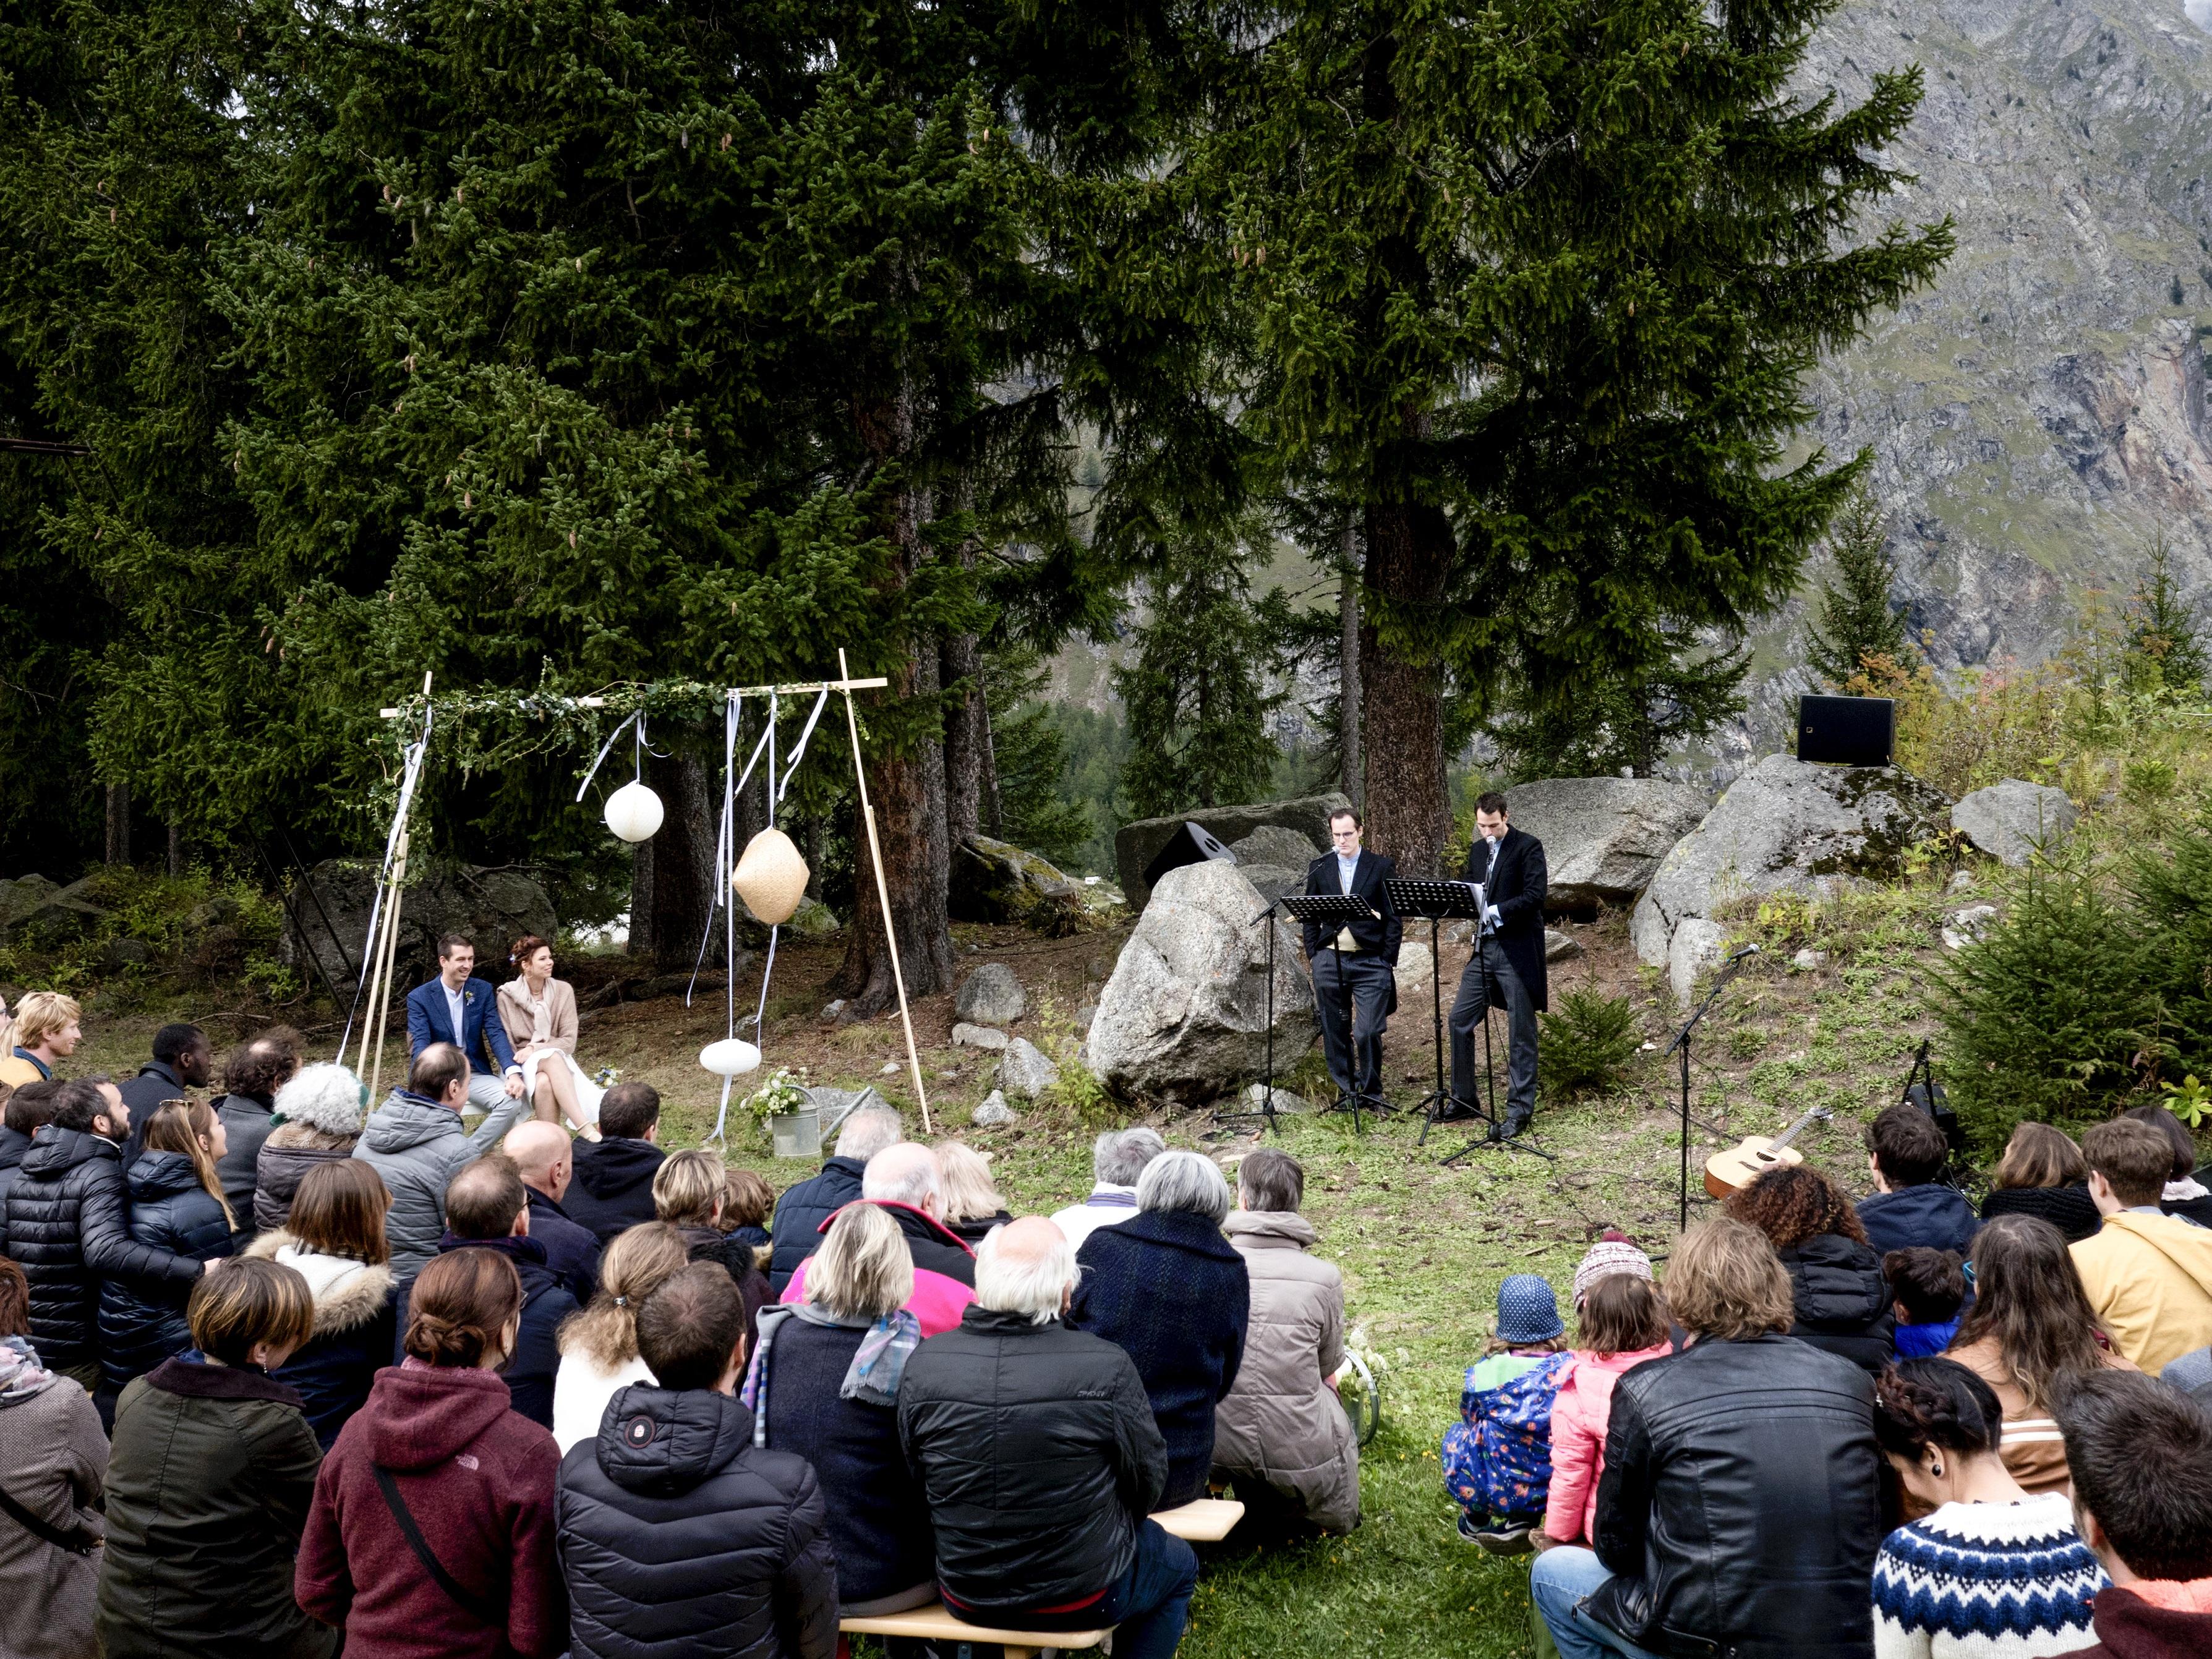 cérémonie laïque montagne, mariage valais, mariage nature